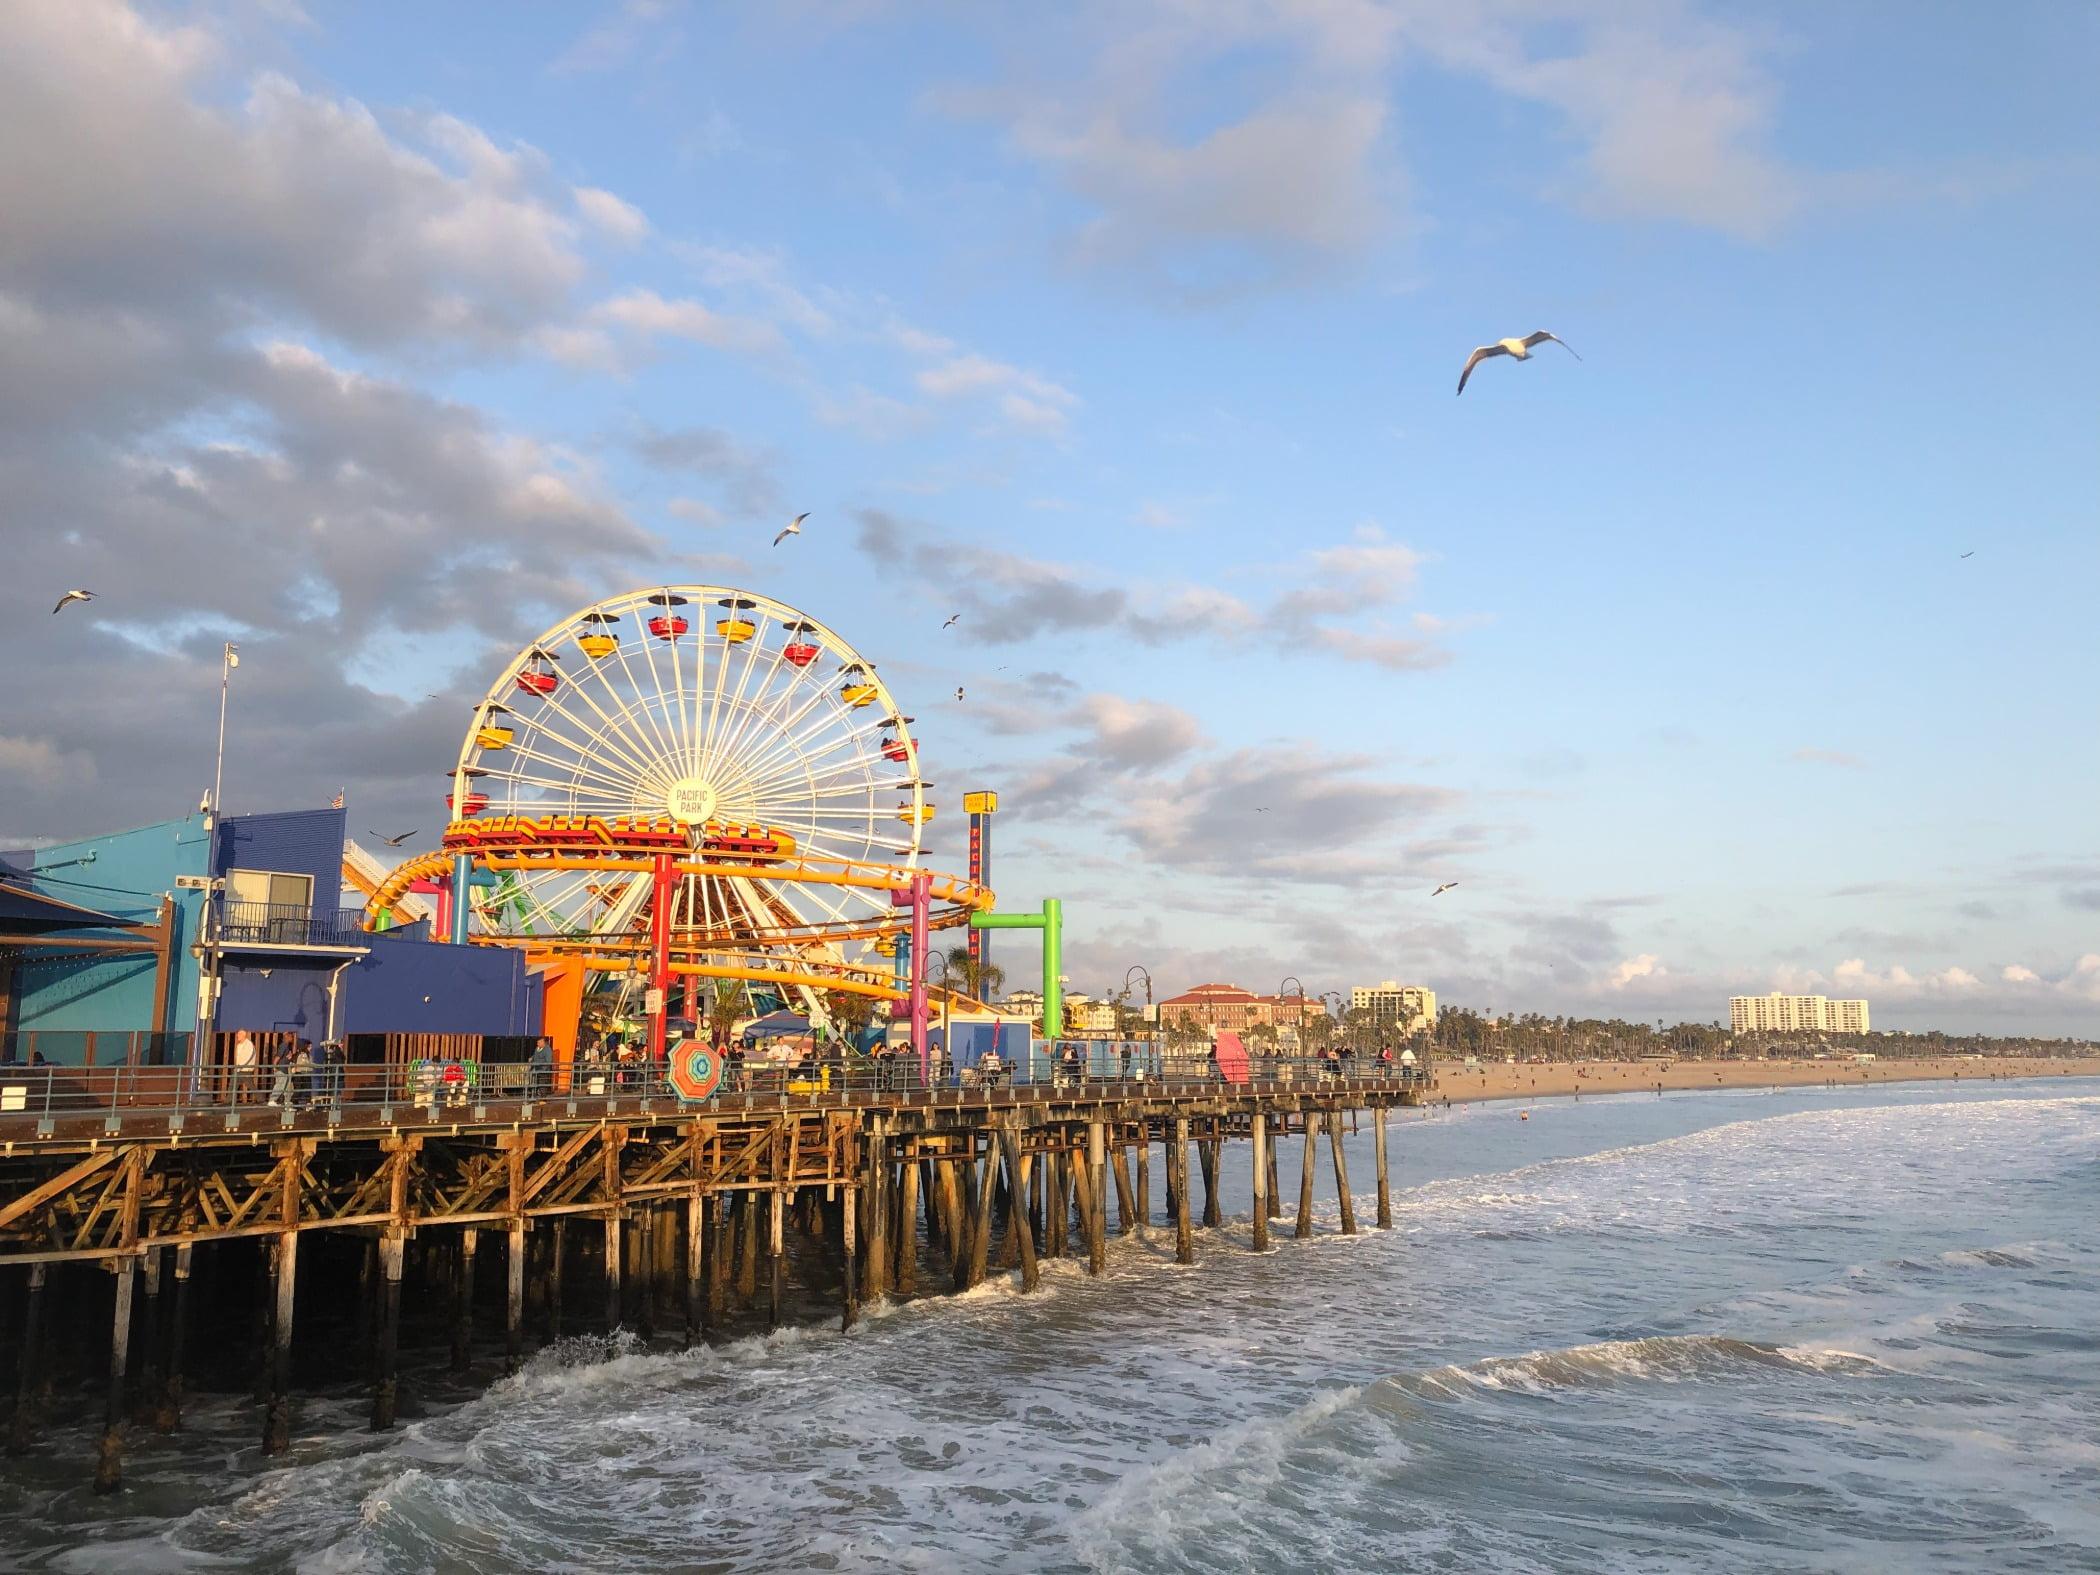 Ferris wheel, Water, Cloud, Sky, Bird, Dusk